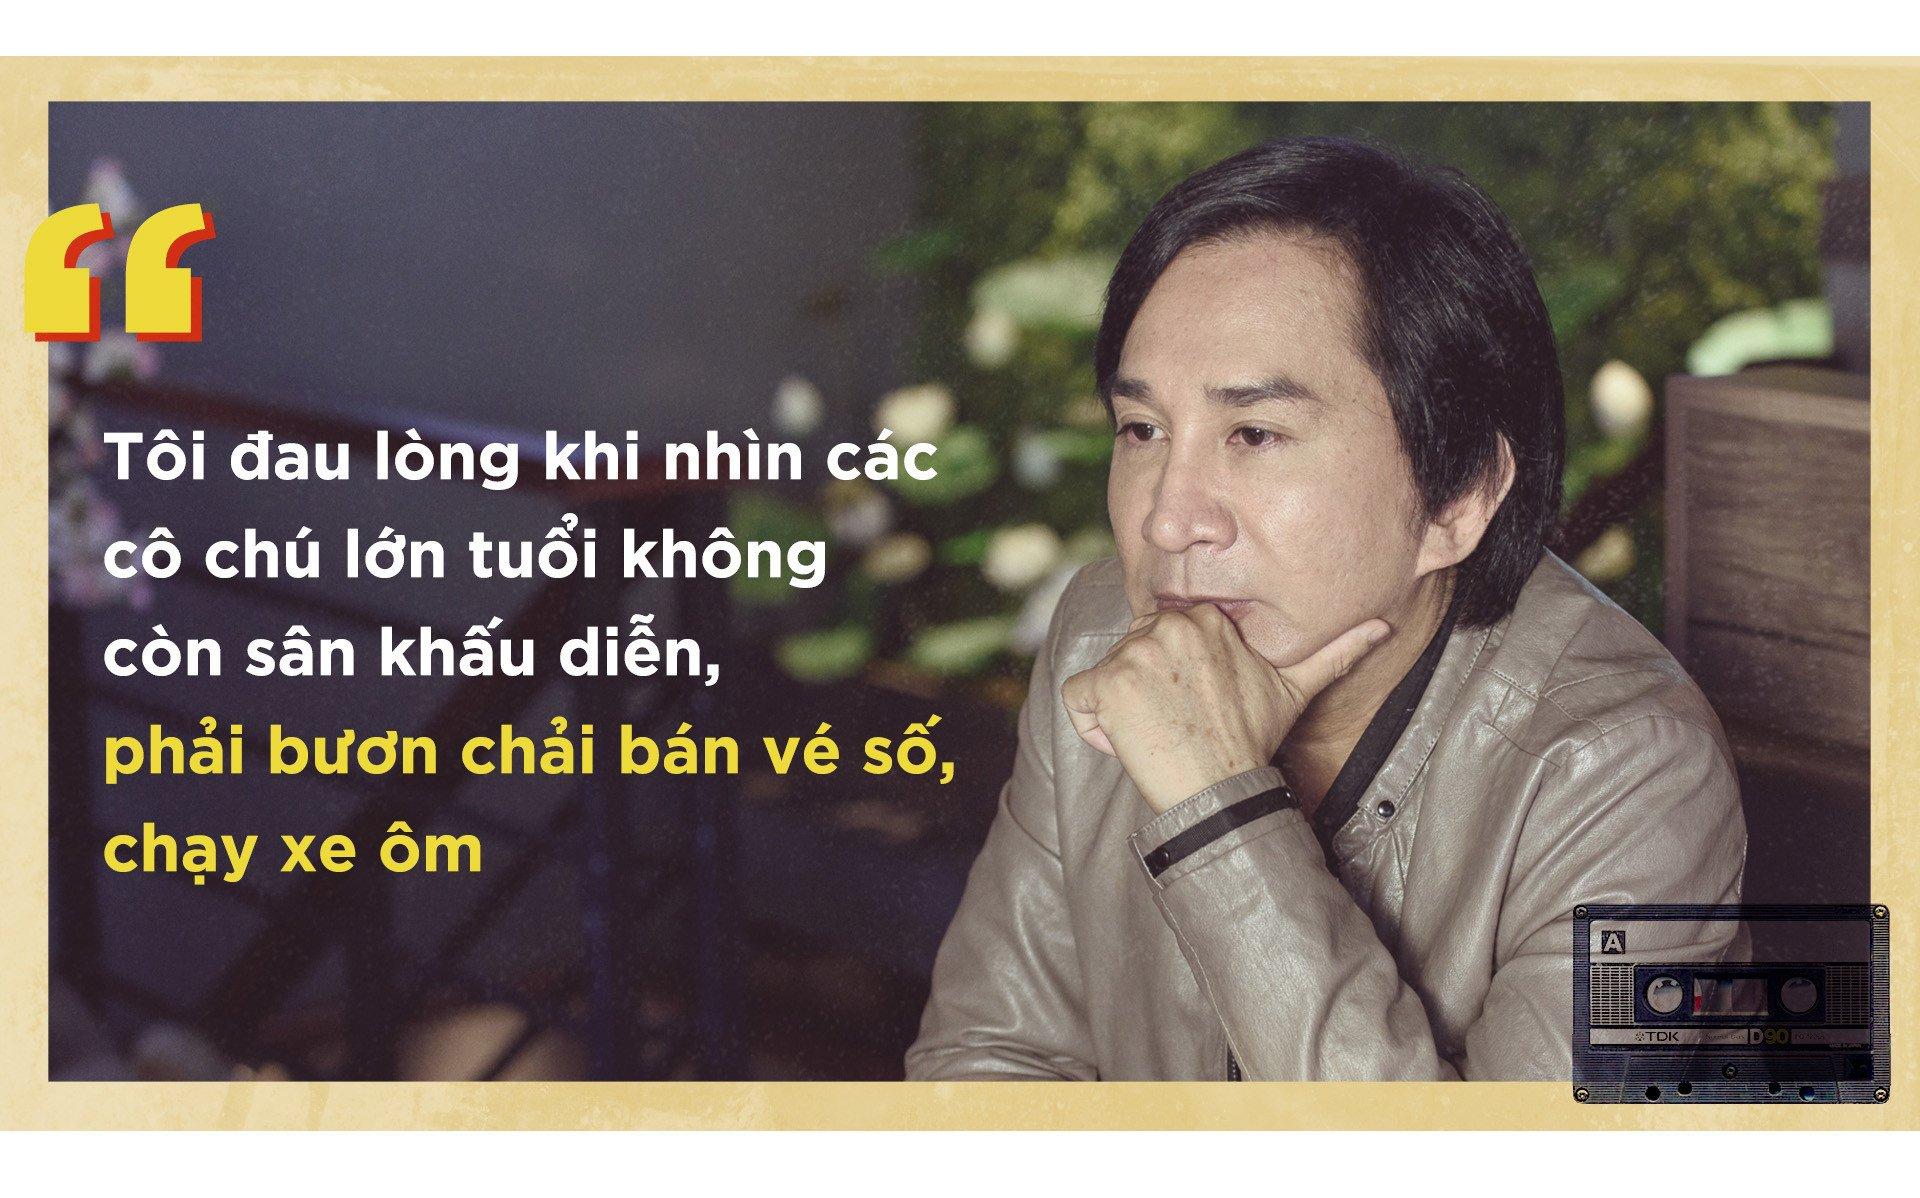 Kim Tu Long: 'Hai cu soc lon nhat doi la ly hon va bi bat vi danh bac' hinh anh 1